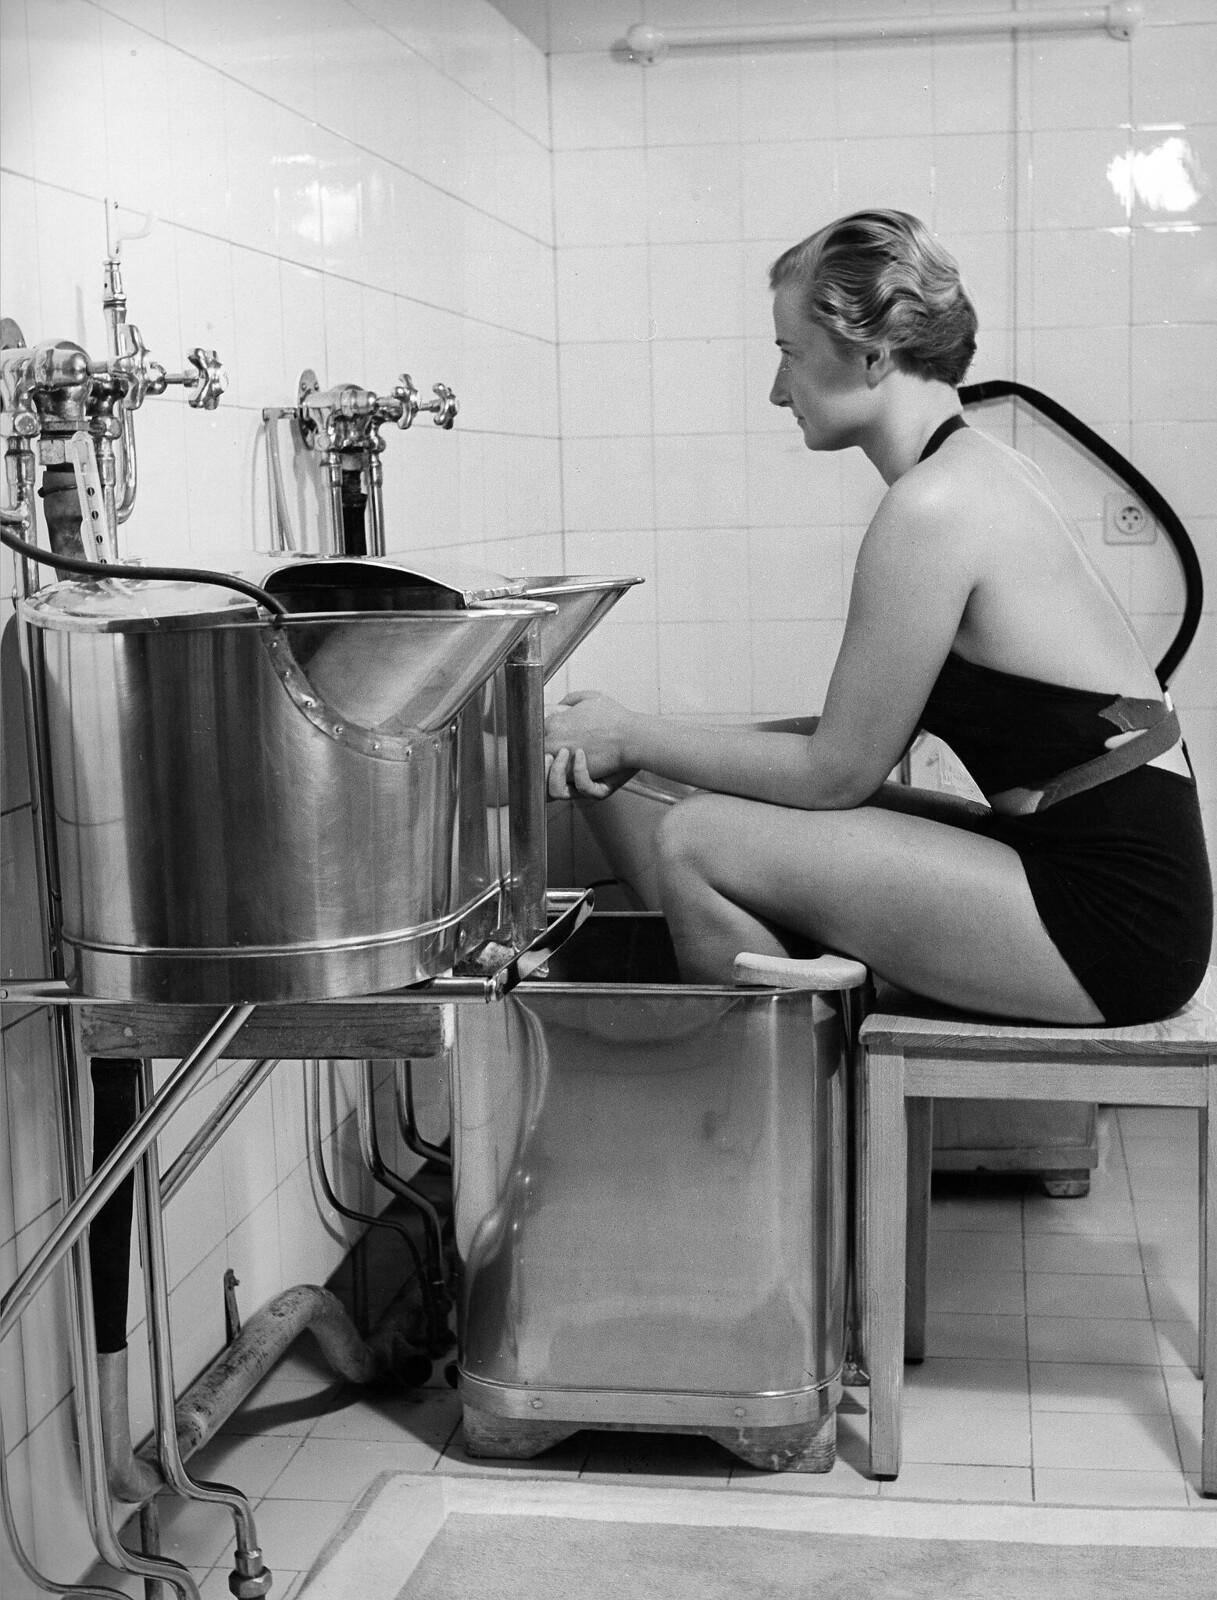 08. Гидротерапия. Молодая женщина держит ноги в водяной бане для стимуляции кровообращения